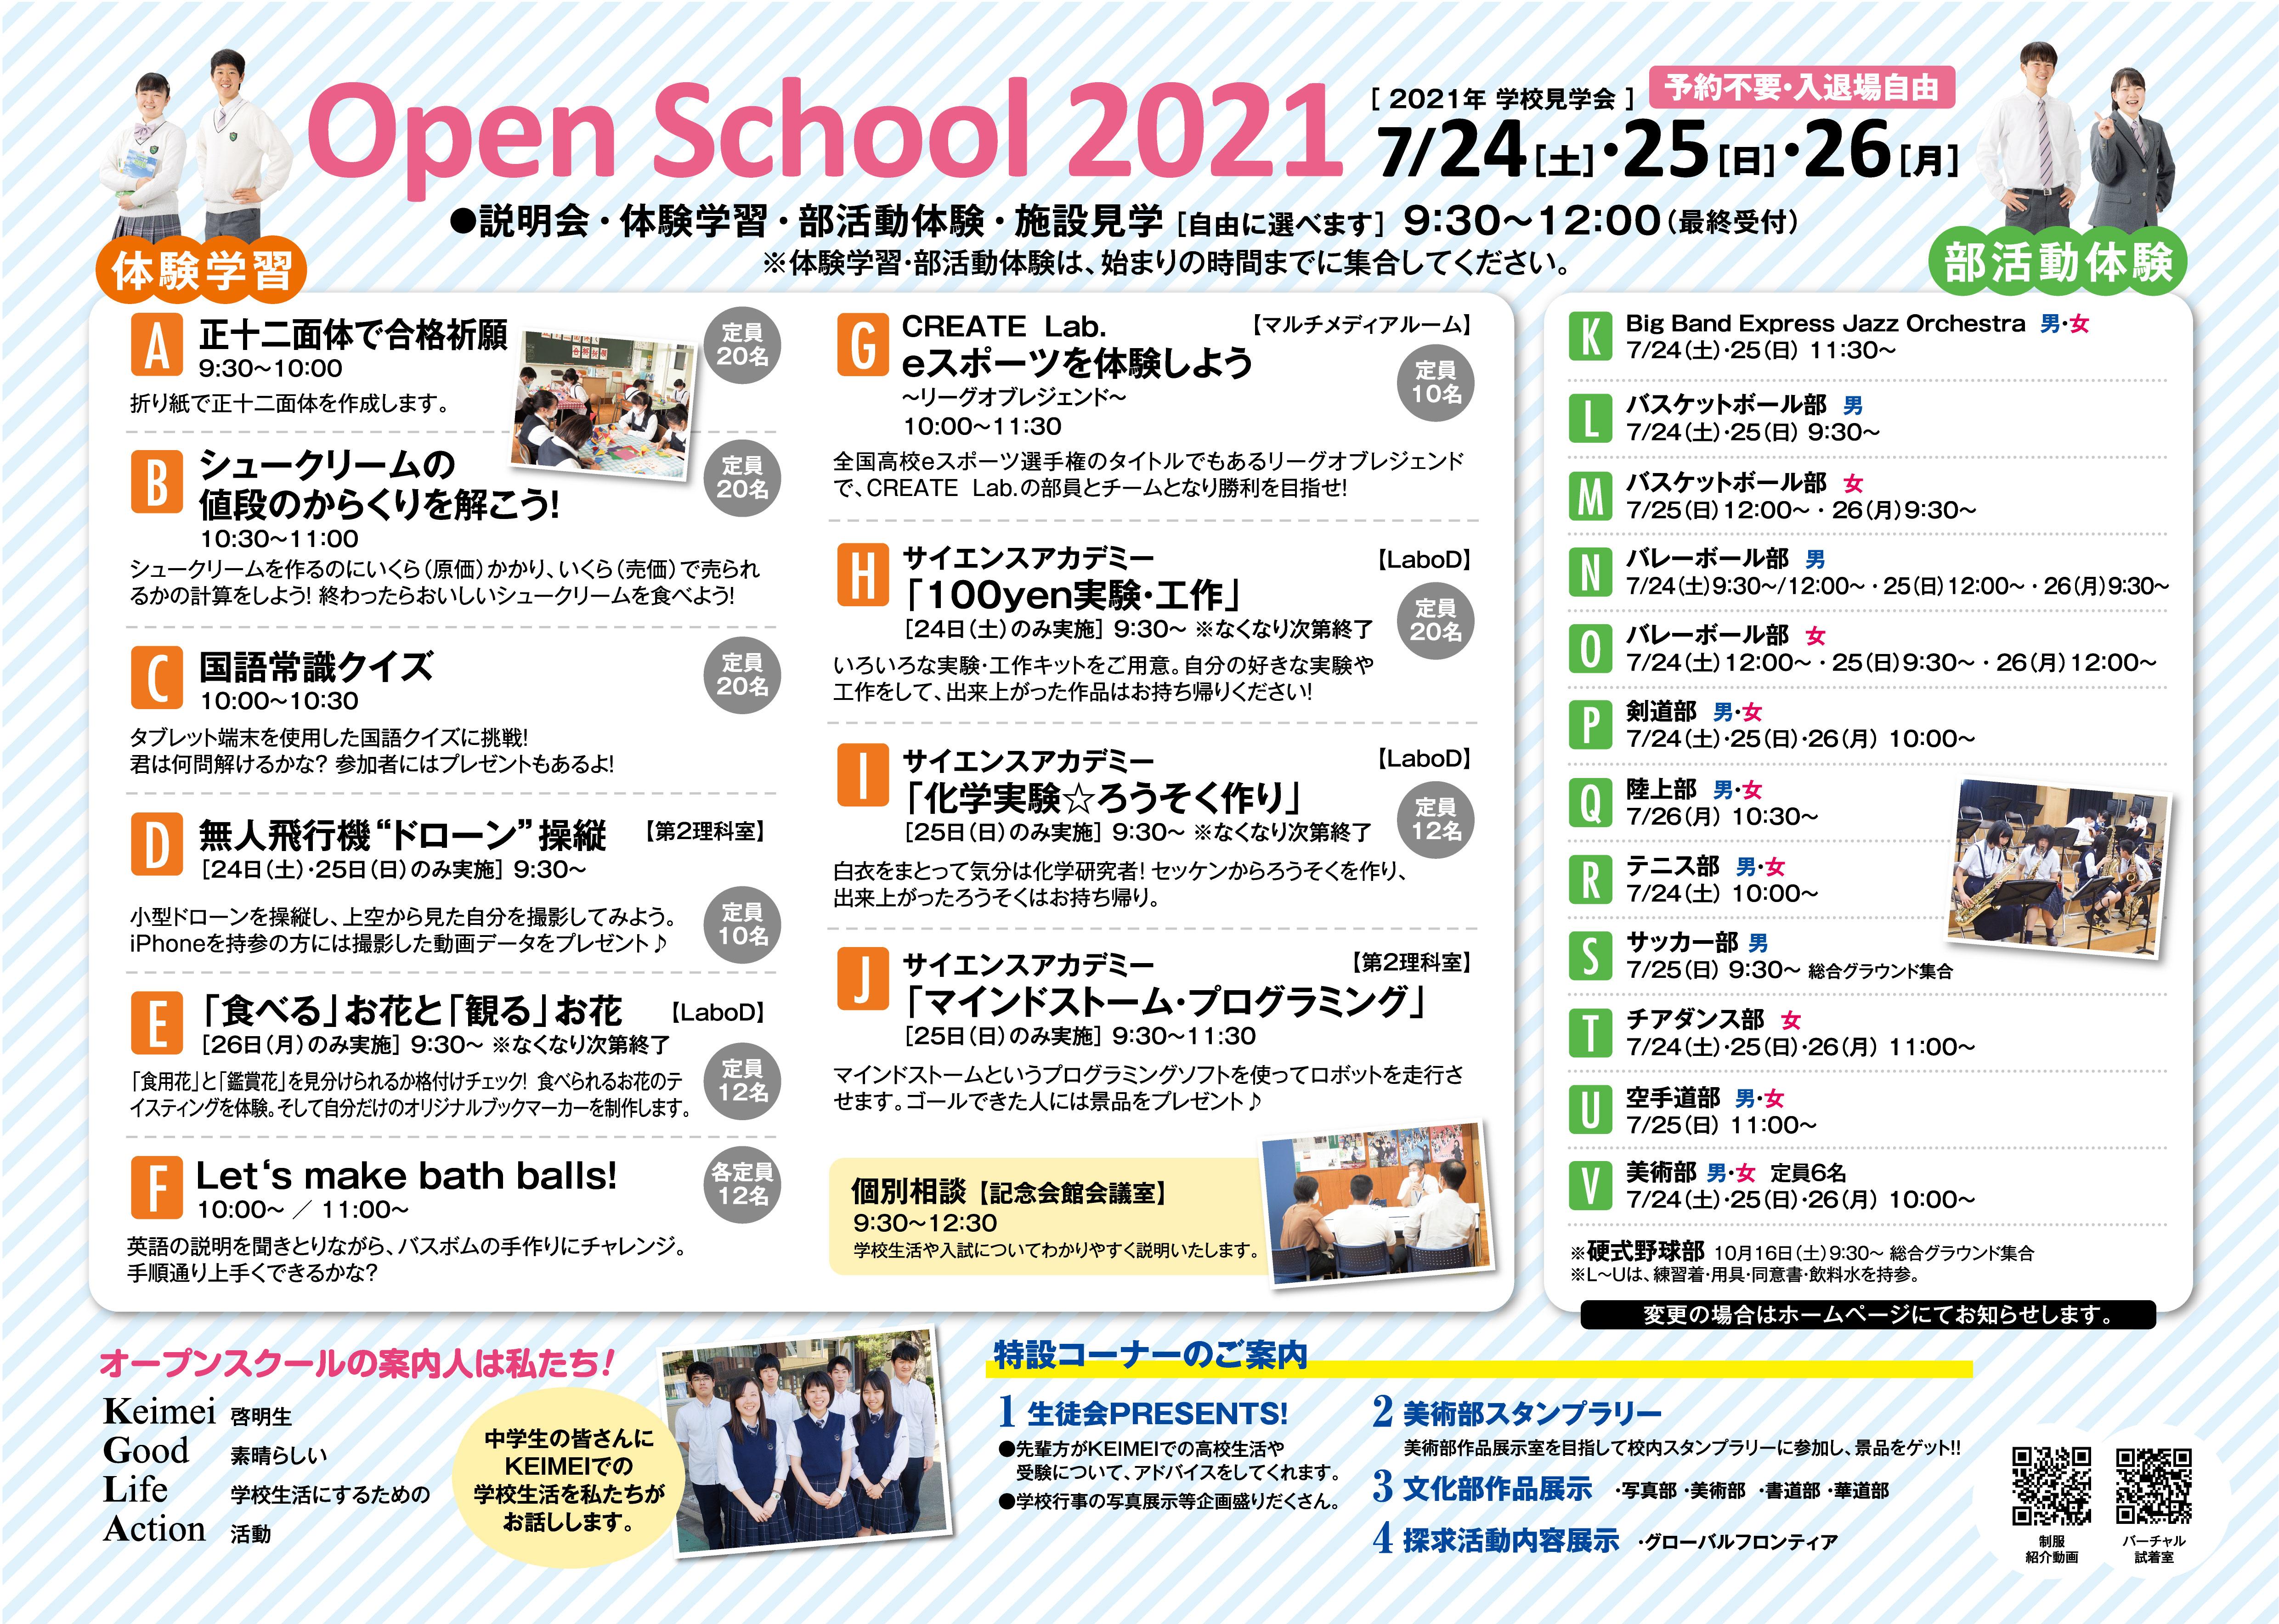 オープンスクール | リーフレット